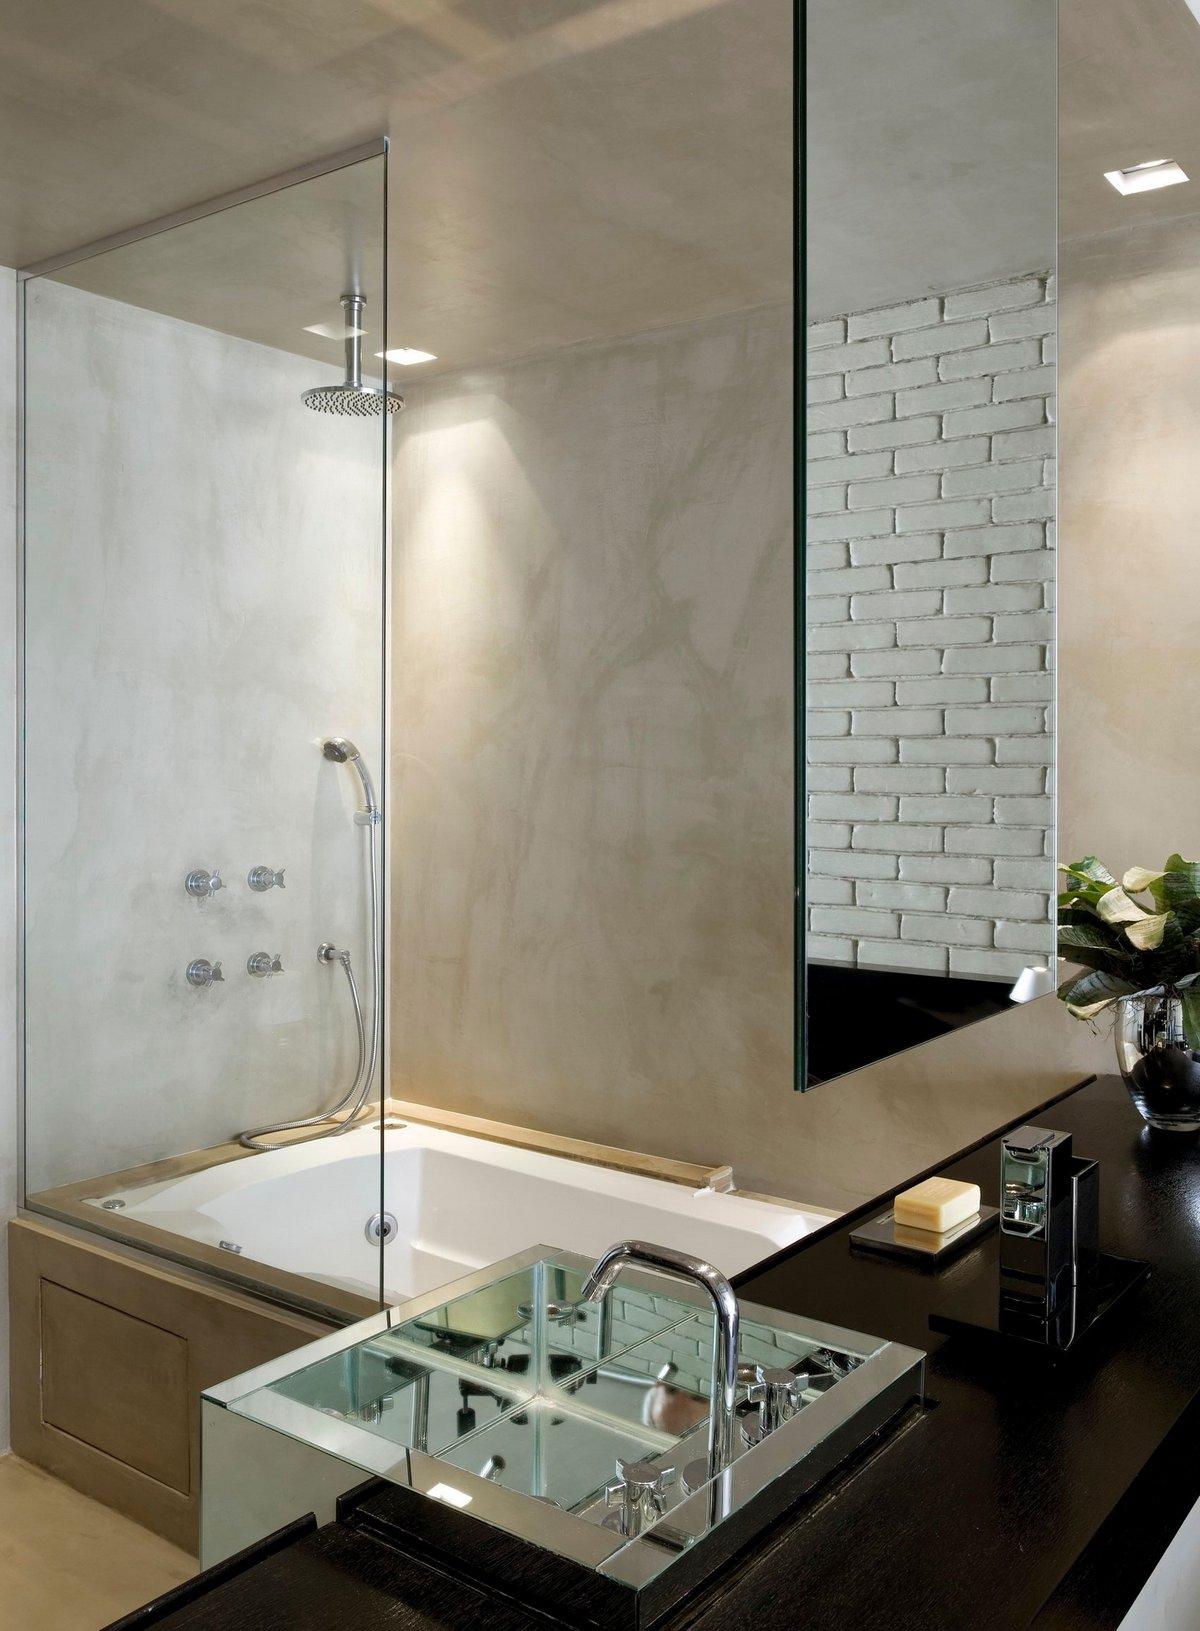 Diego Revollo Arquitetura, лофт, примеры лофт, лофт в Бразилии, элитная недвижимость в Бразилии, элитная недвижимость в Сан-Паулу, холостяцкая квартира